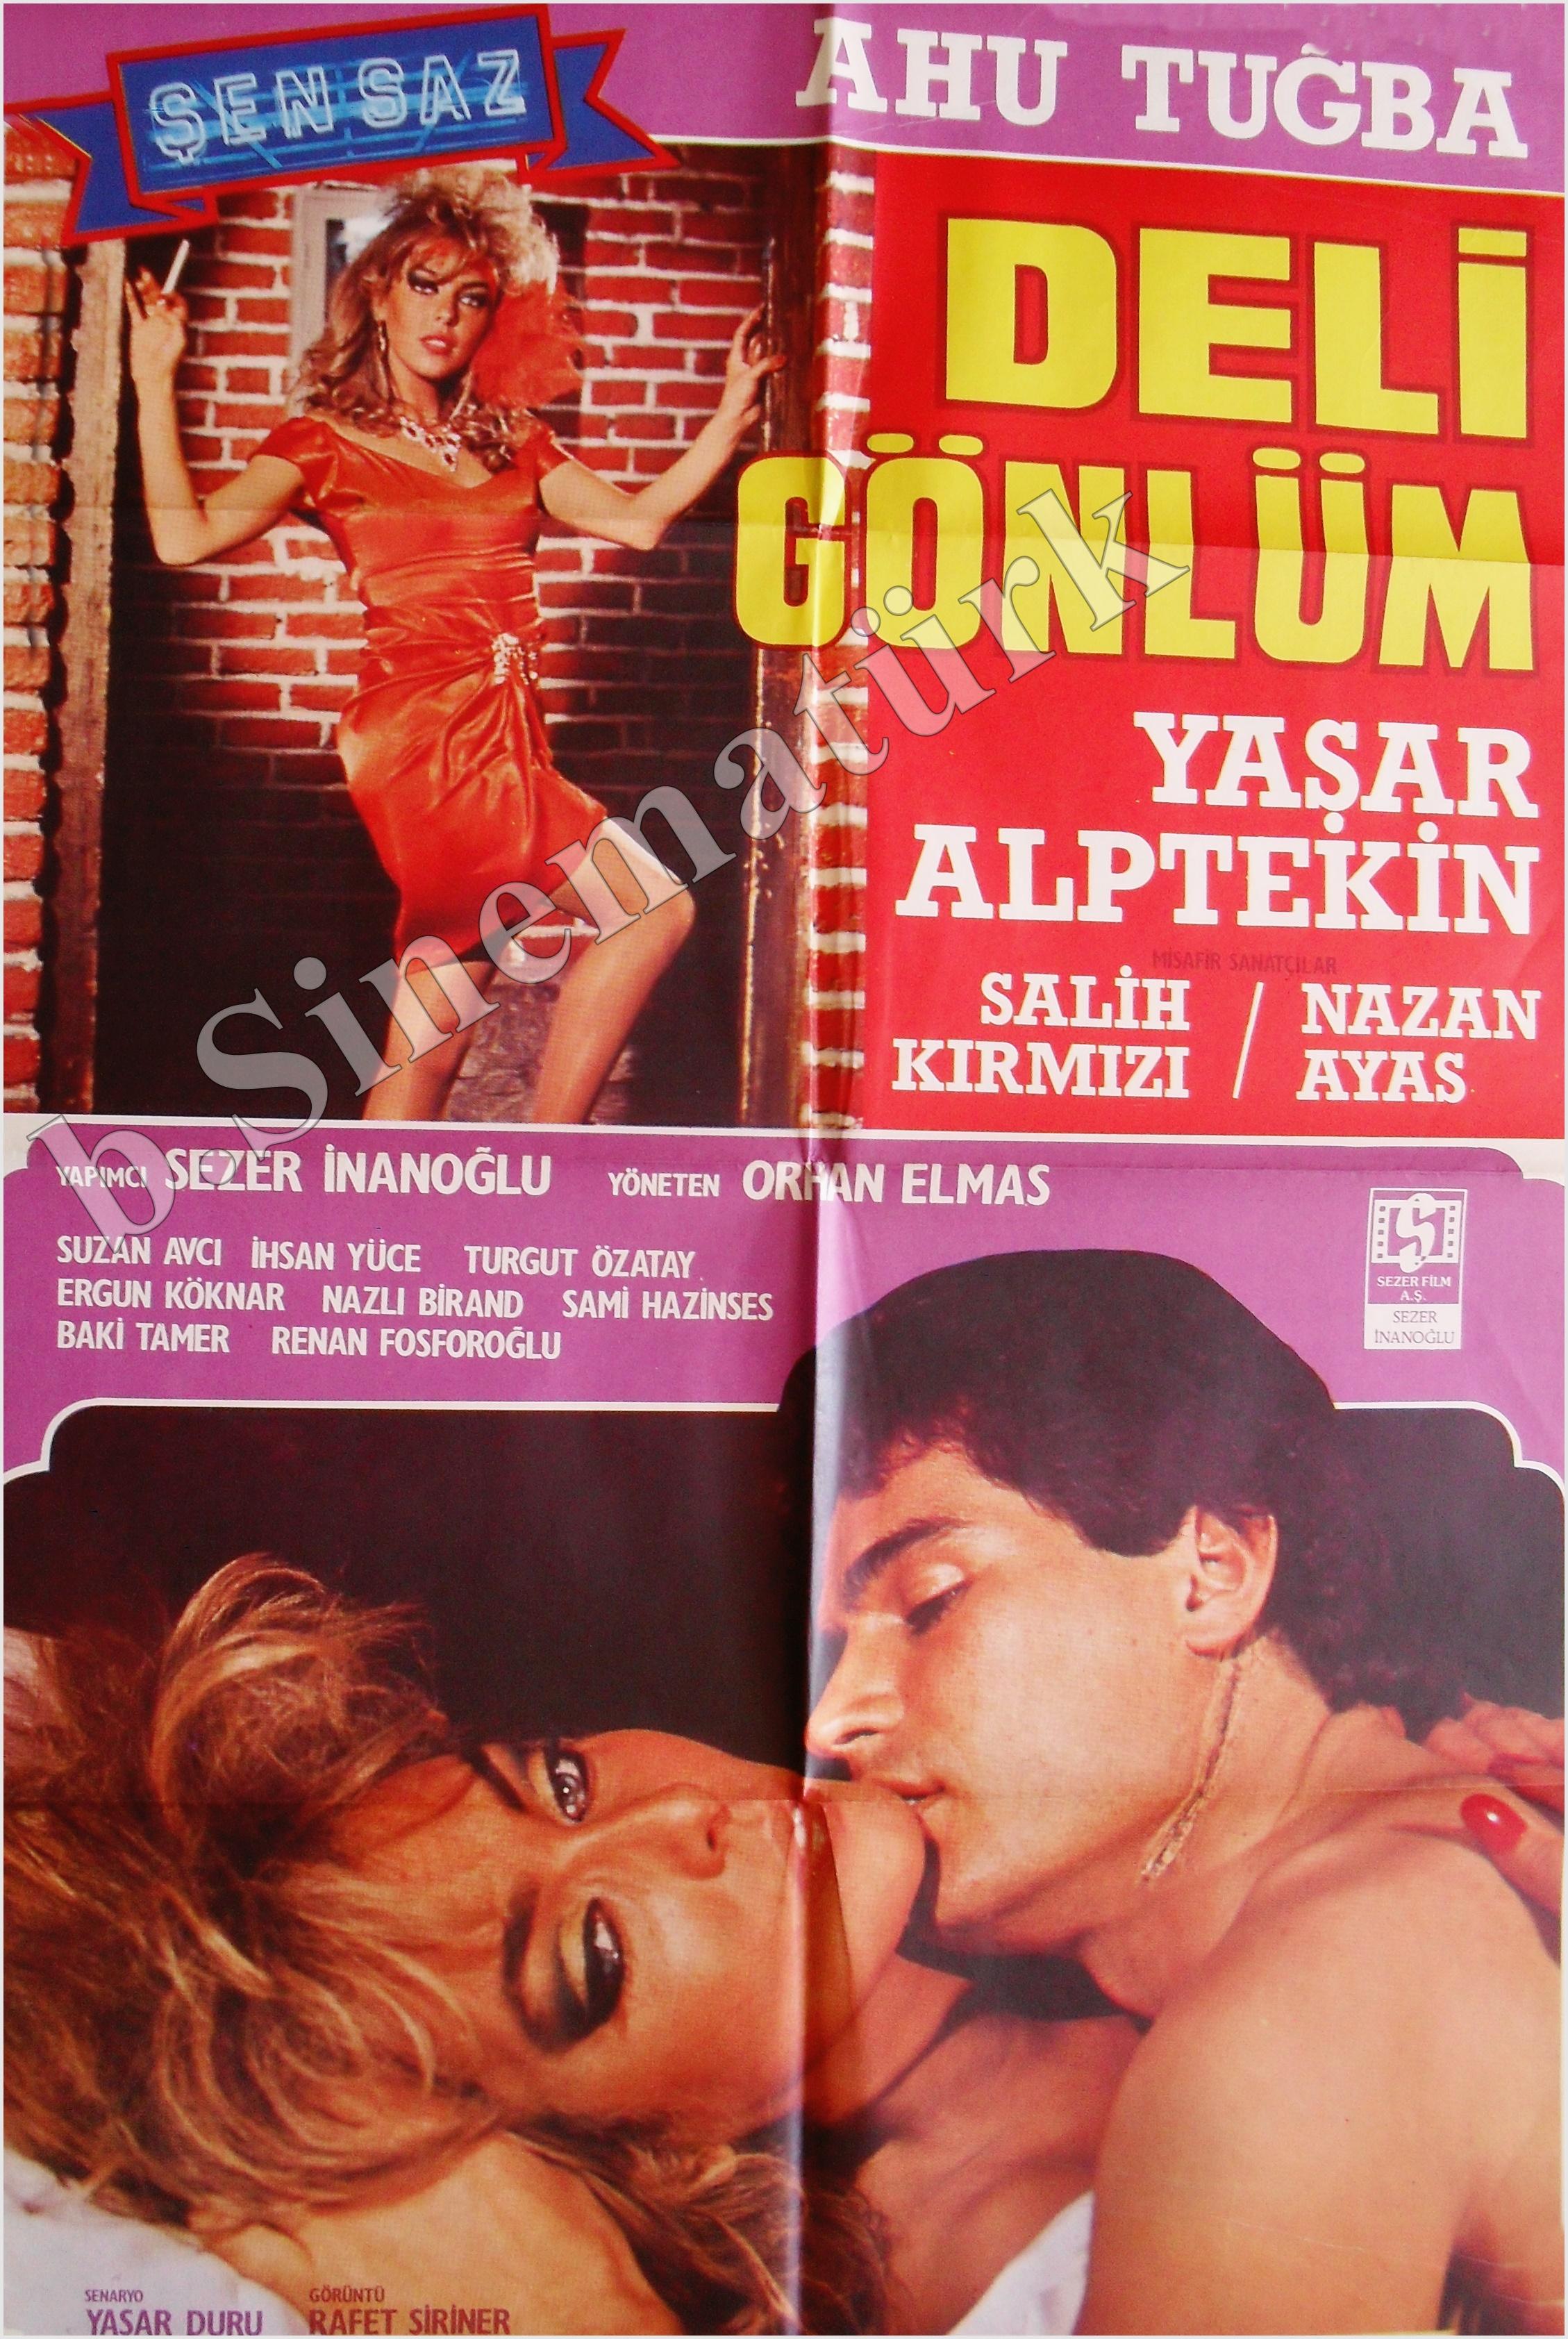 Deli gönlüm ((1987))